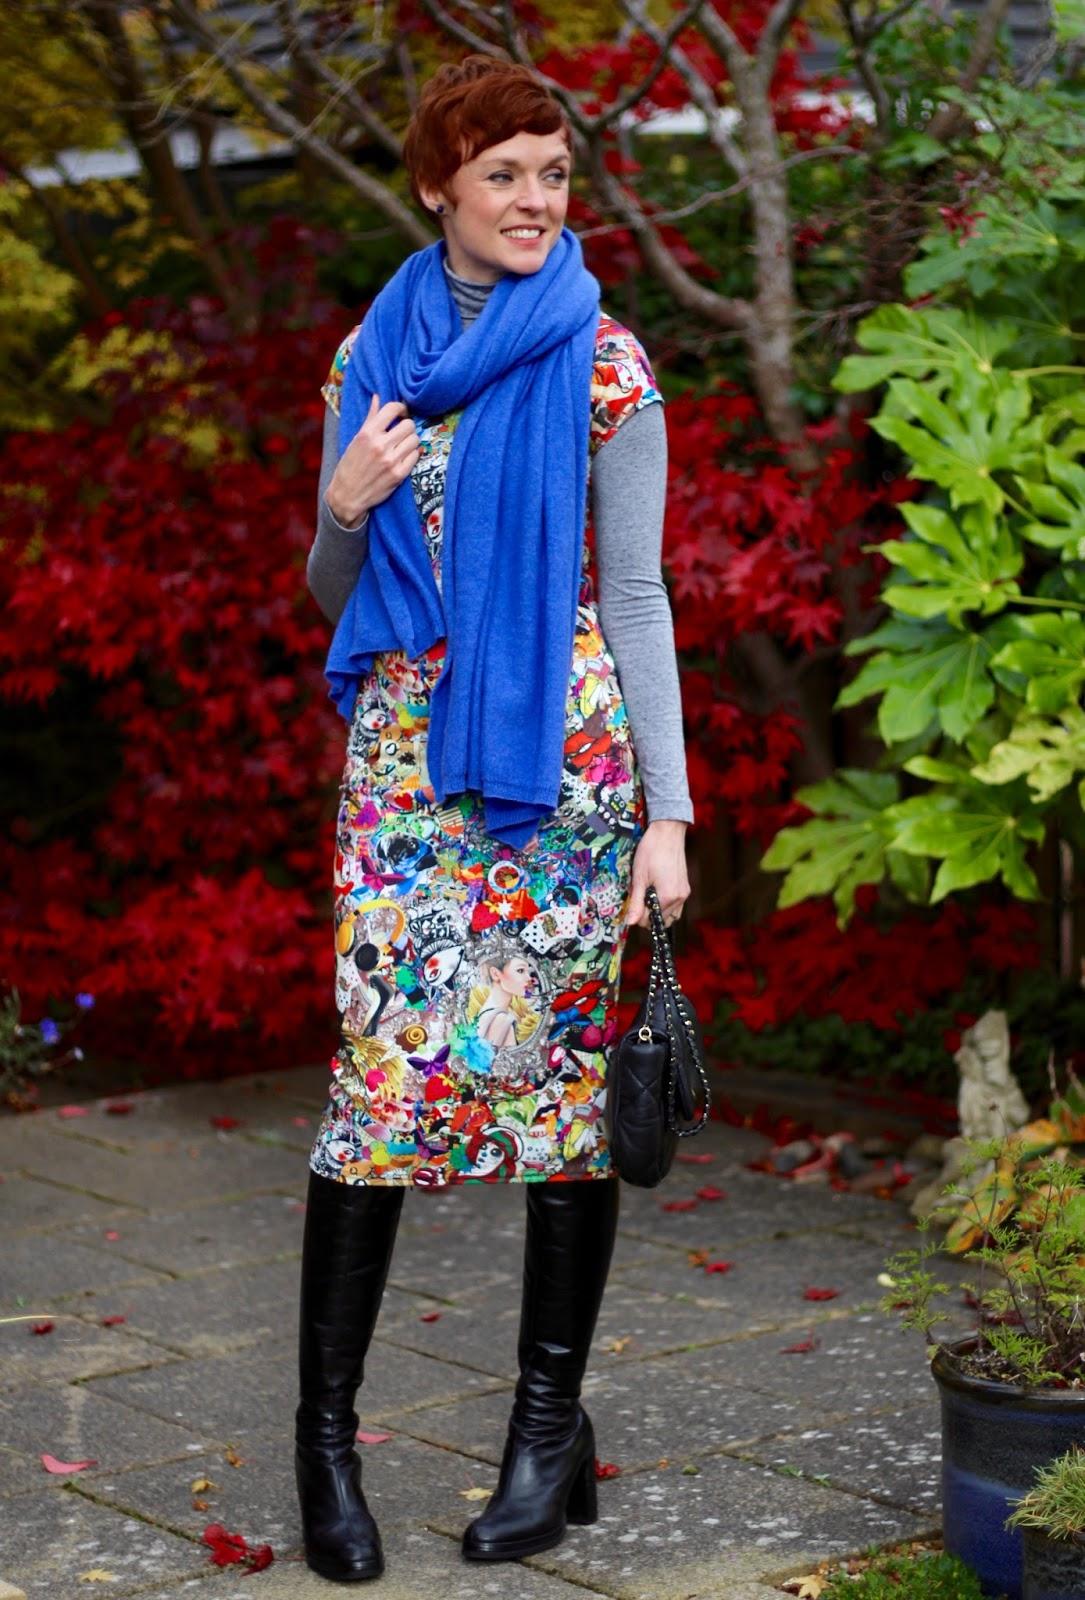 Are Pashminas Still in Fashion?